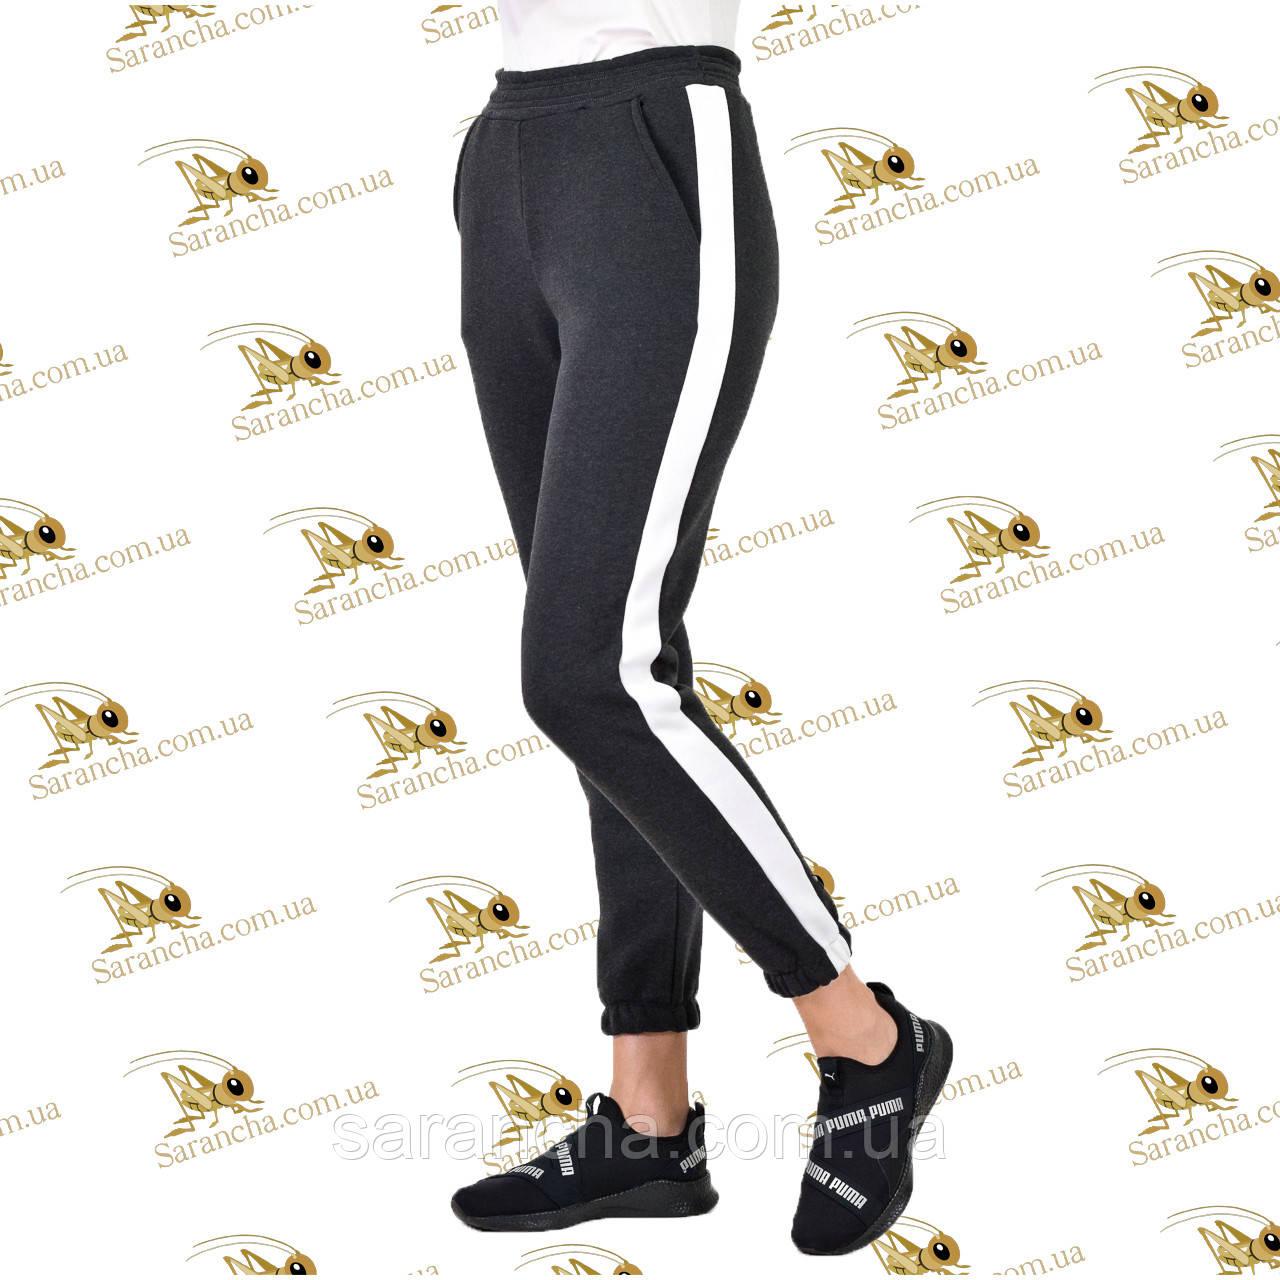 Спортивні брюки з контрастним лампасом трехнитка на флісі сірого кольору